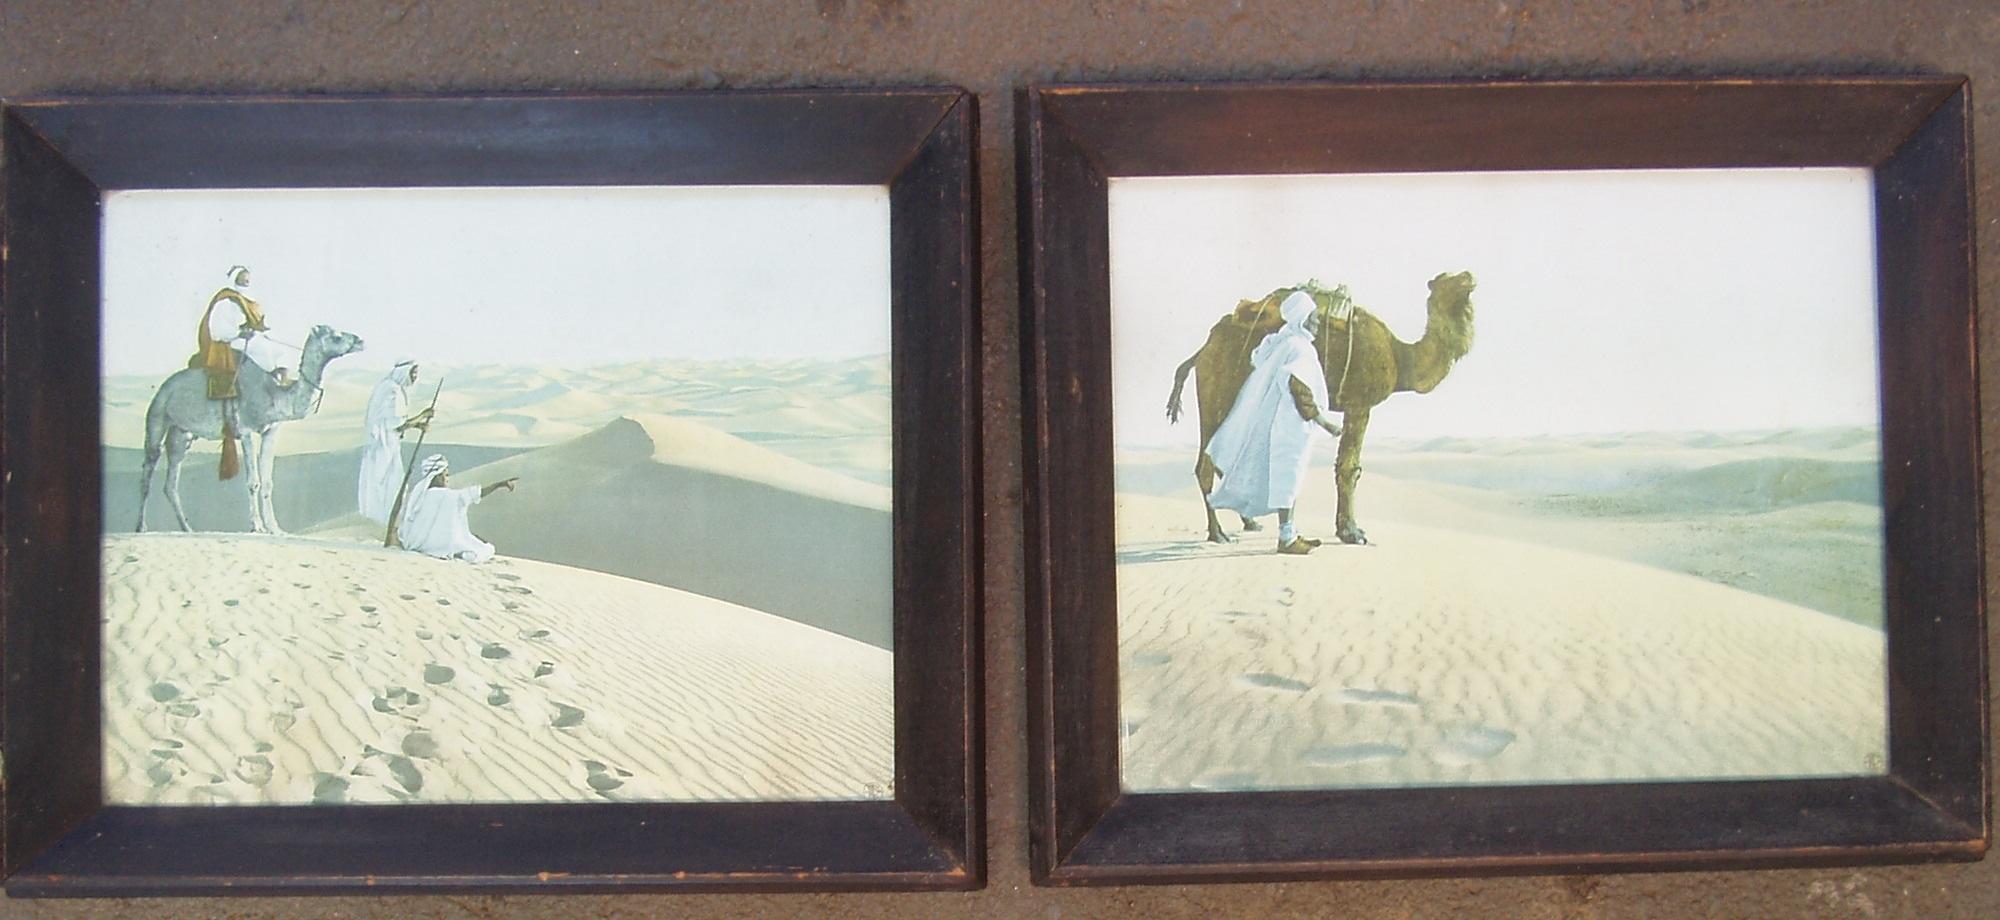 Vintage Framed Camel Prints - Very old frames and prints X 2